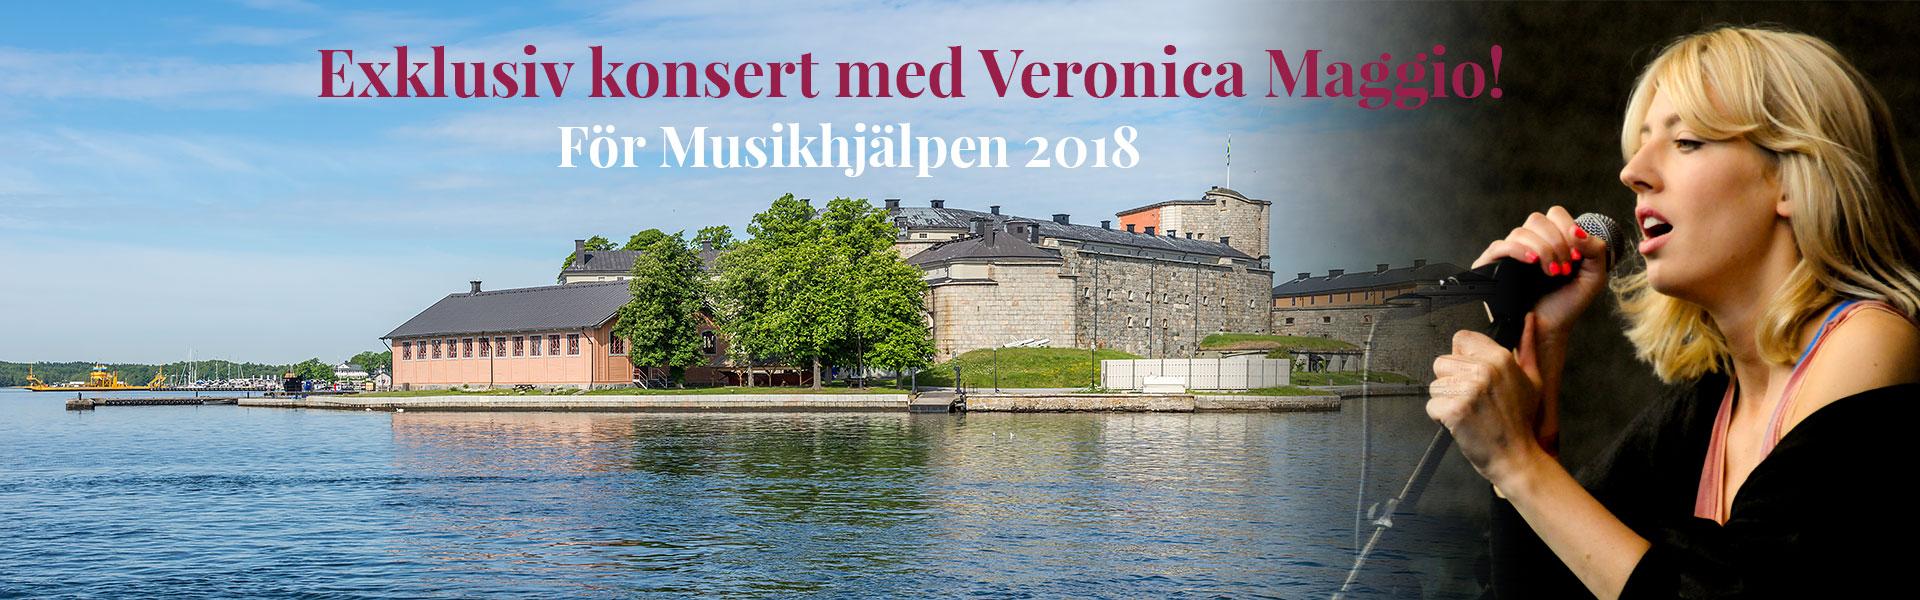 Exklusiv konsert med Veronica Maggio